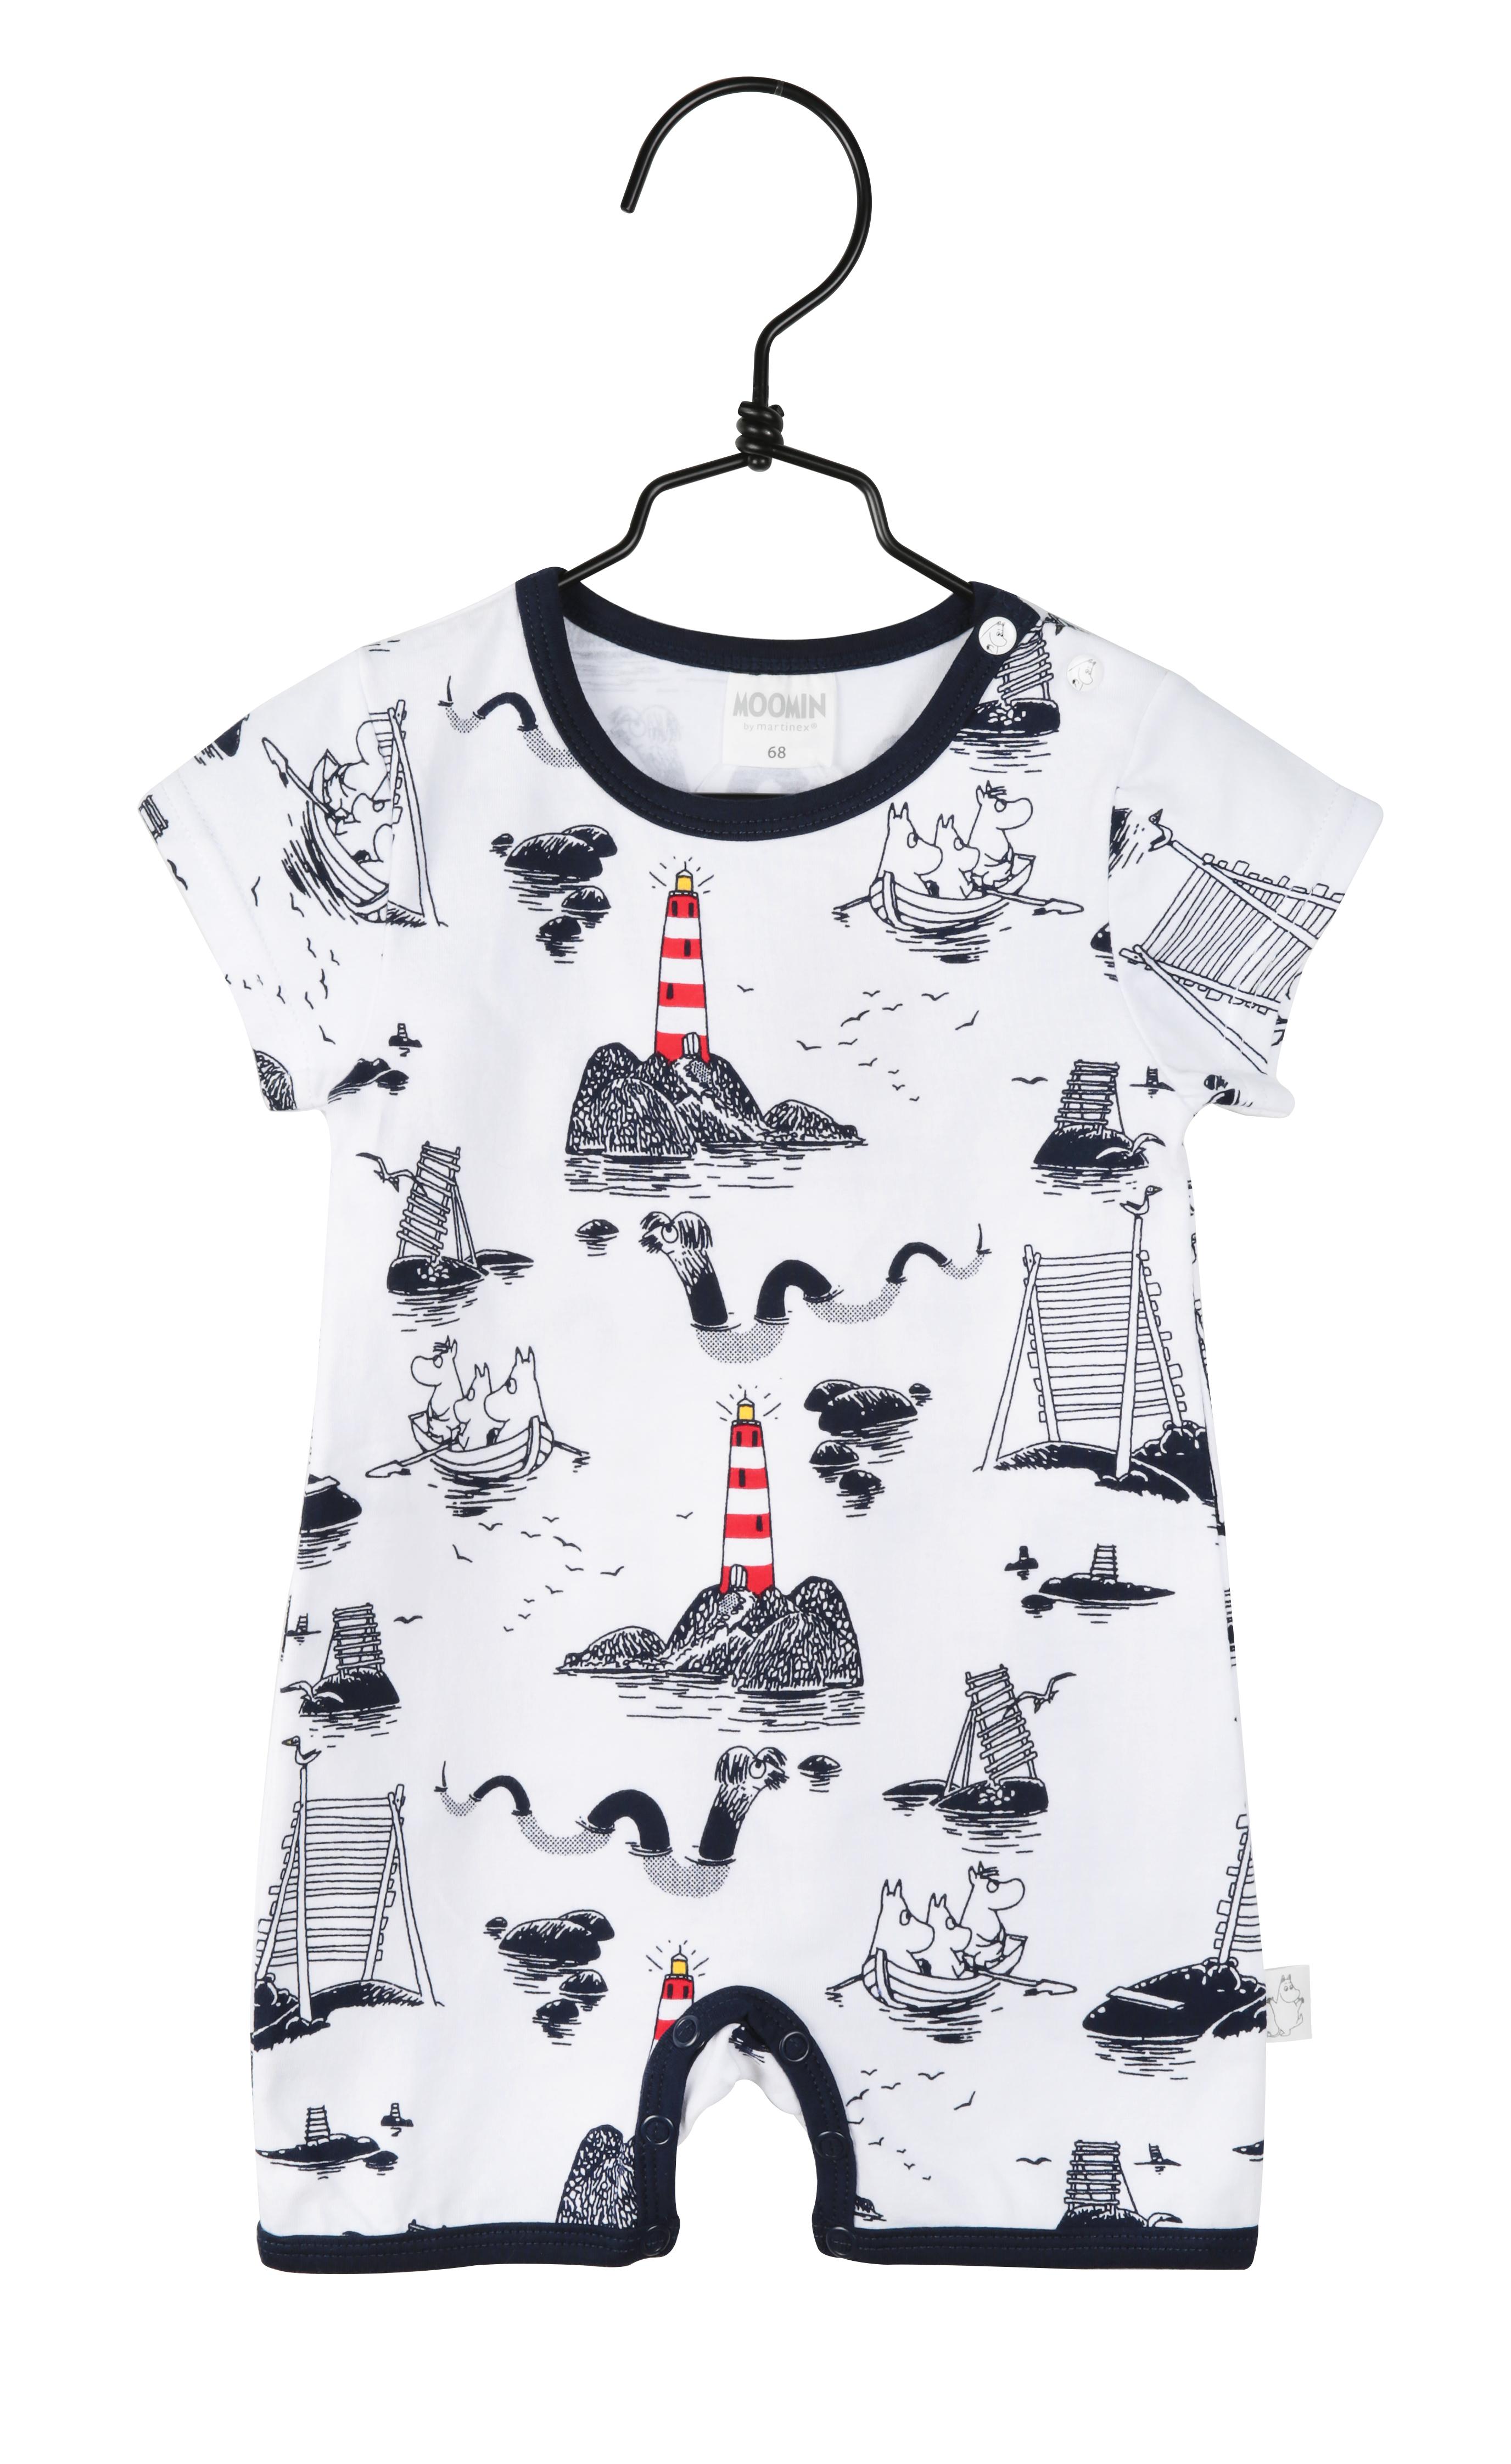 Martinex Moomin Sea playsuit